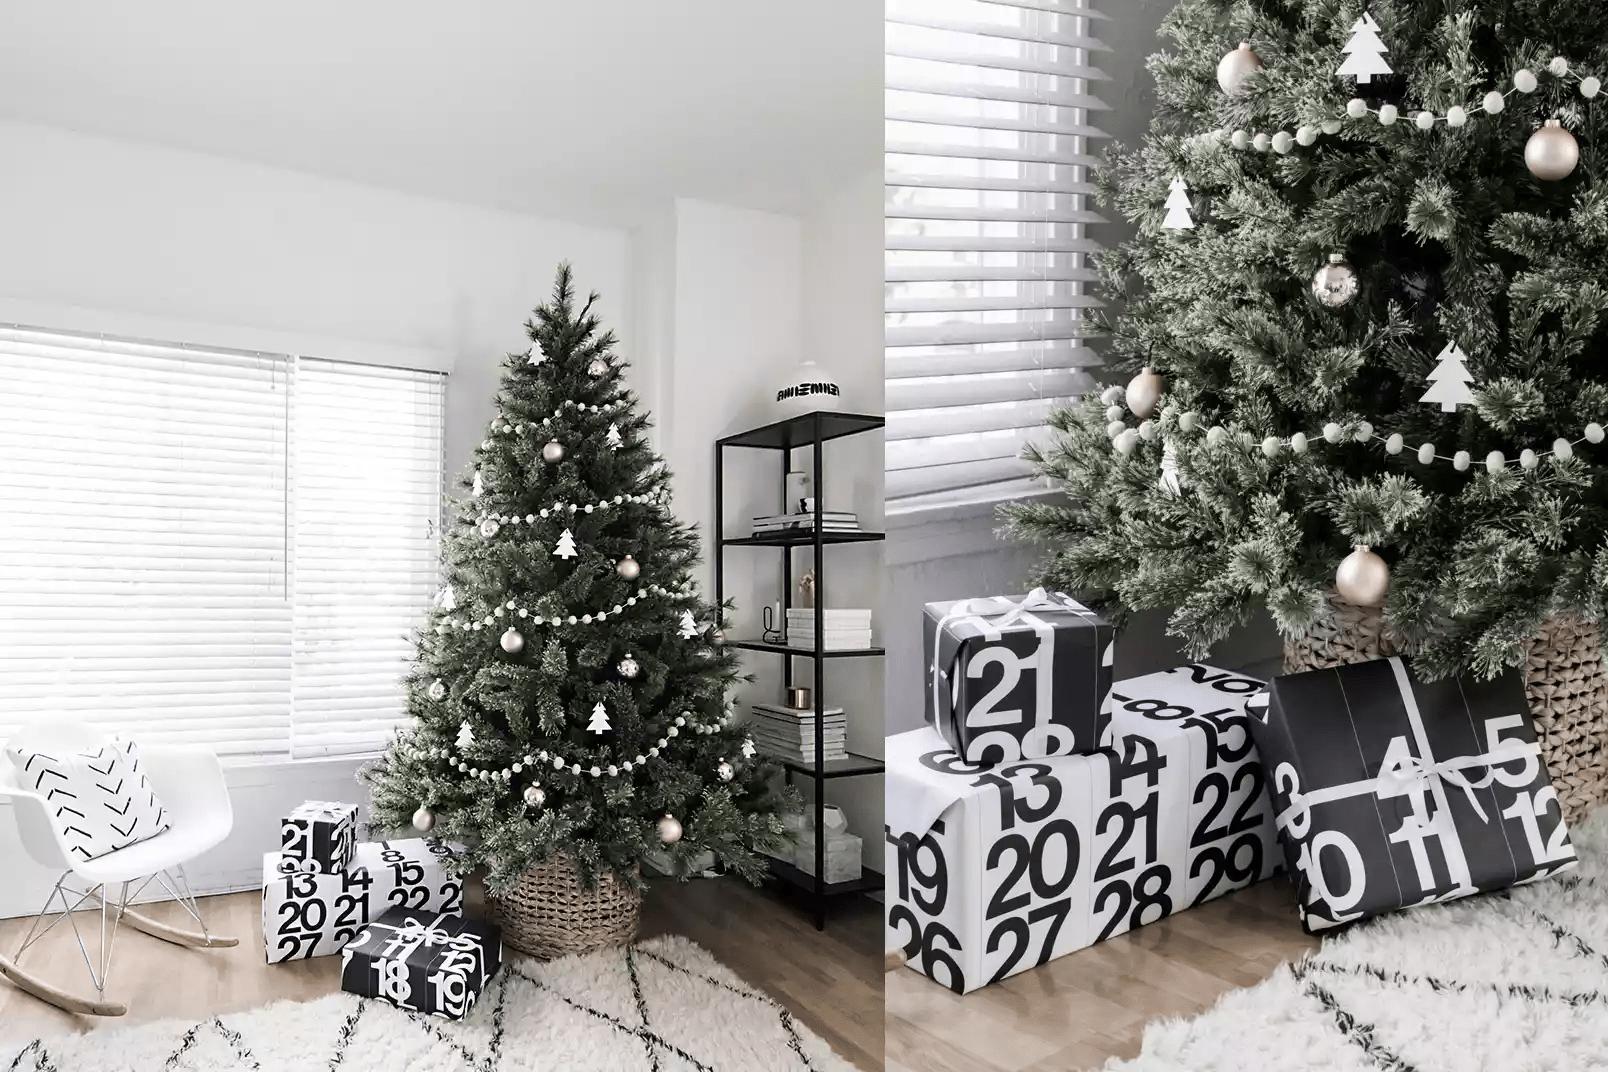 Arbre de Noël avec guirlande d'argent et décorations près d'une fenêtre